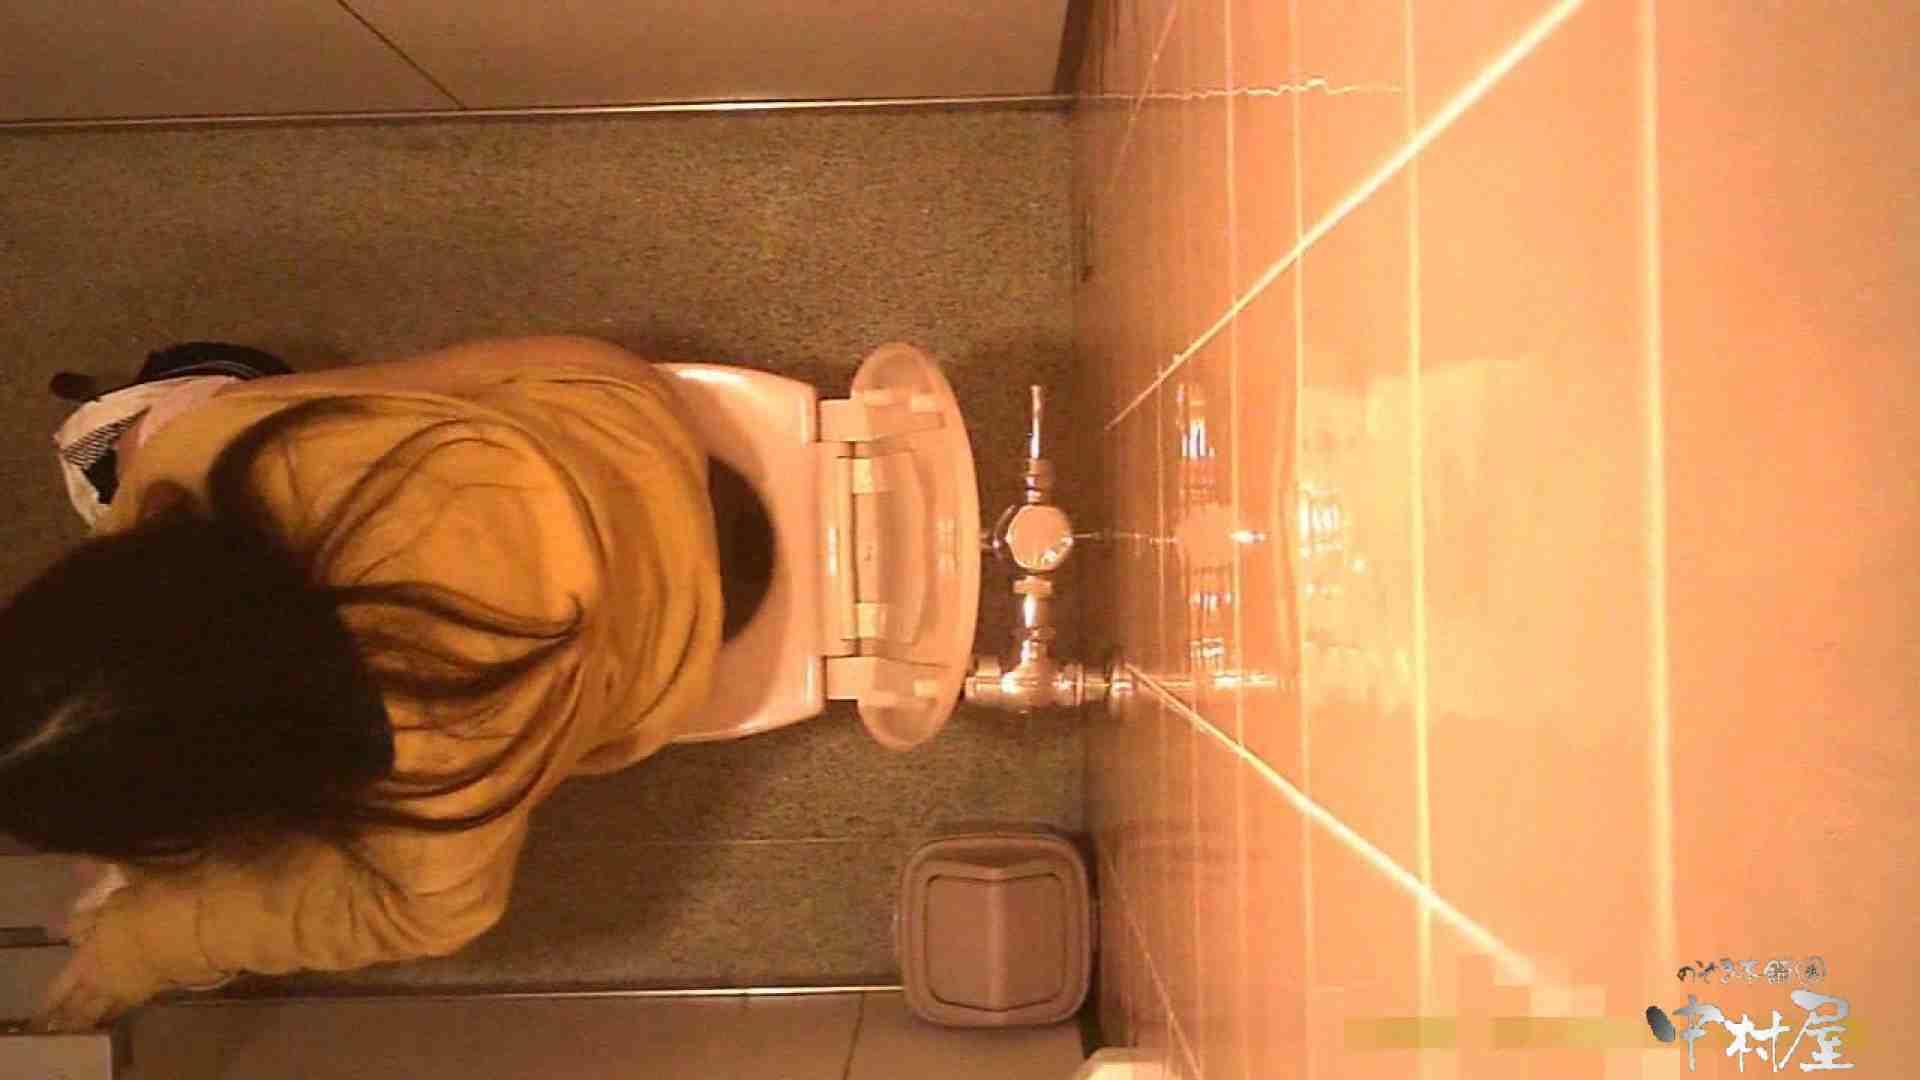 初盗撮!女盗撮師カレンさんの 潜入!女子トイレ盗撮!Vol.5 トイレの中の女の子 オメコ動画キャプチャ 36連発 6